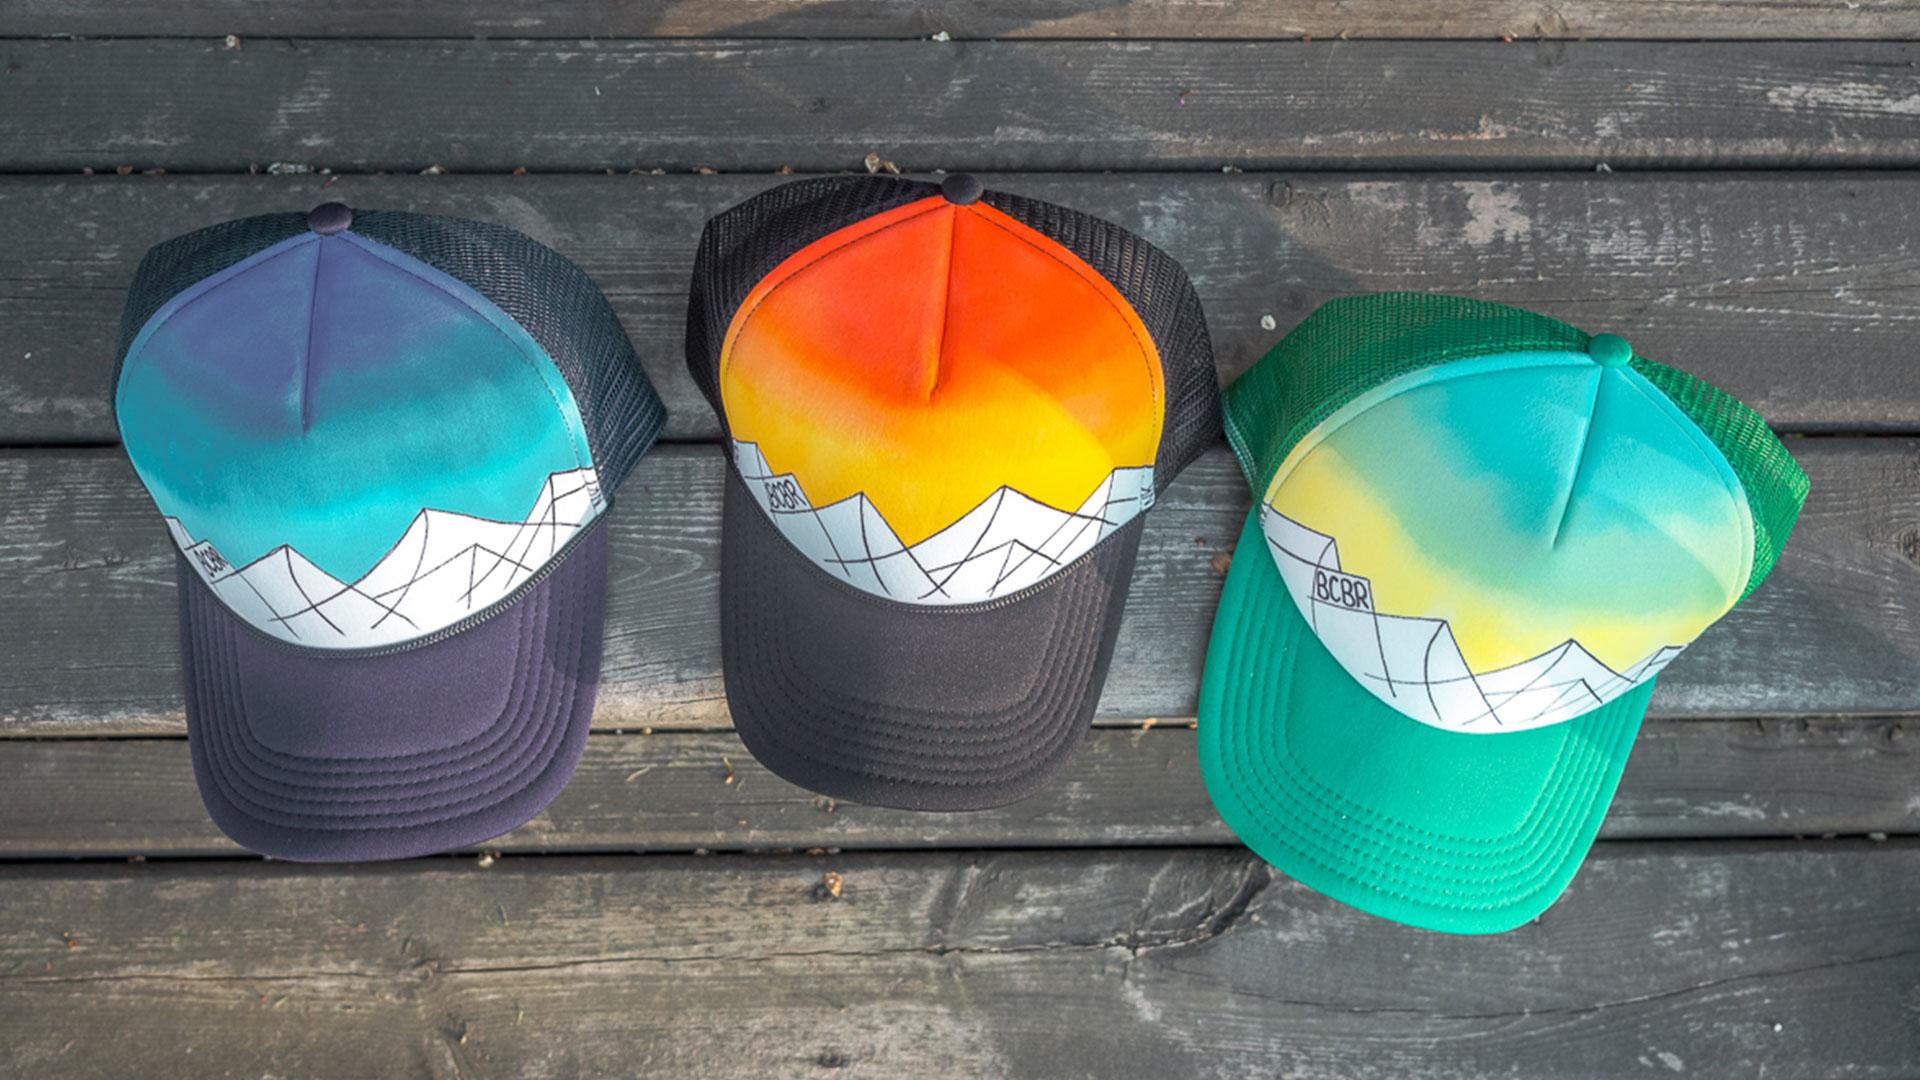 A few hats